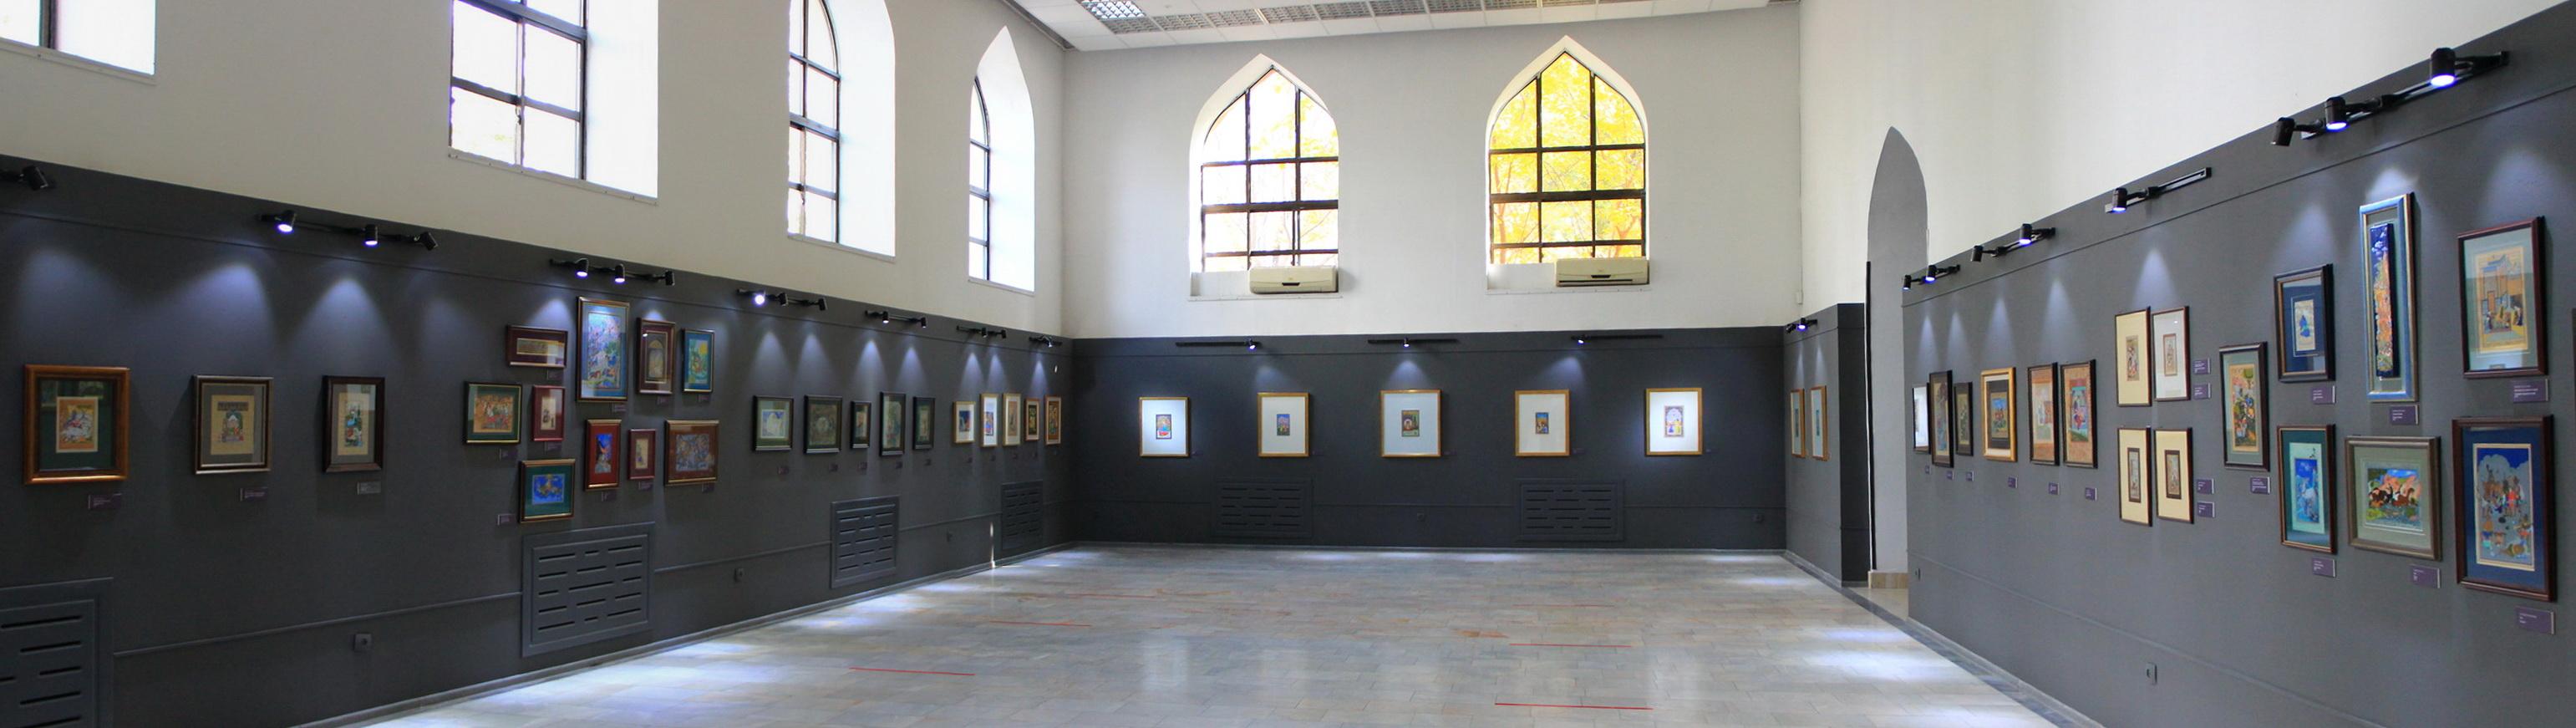 Экспозиционный зал миниатюр